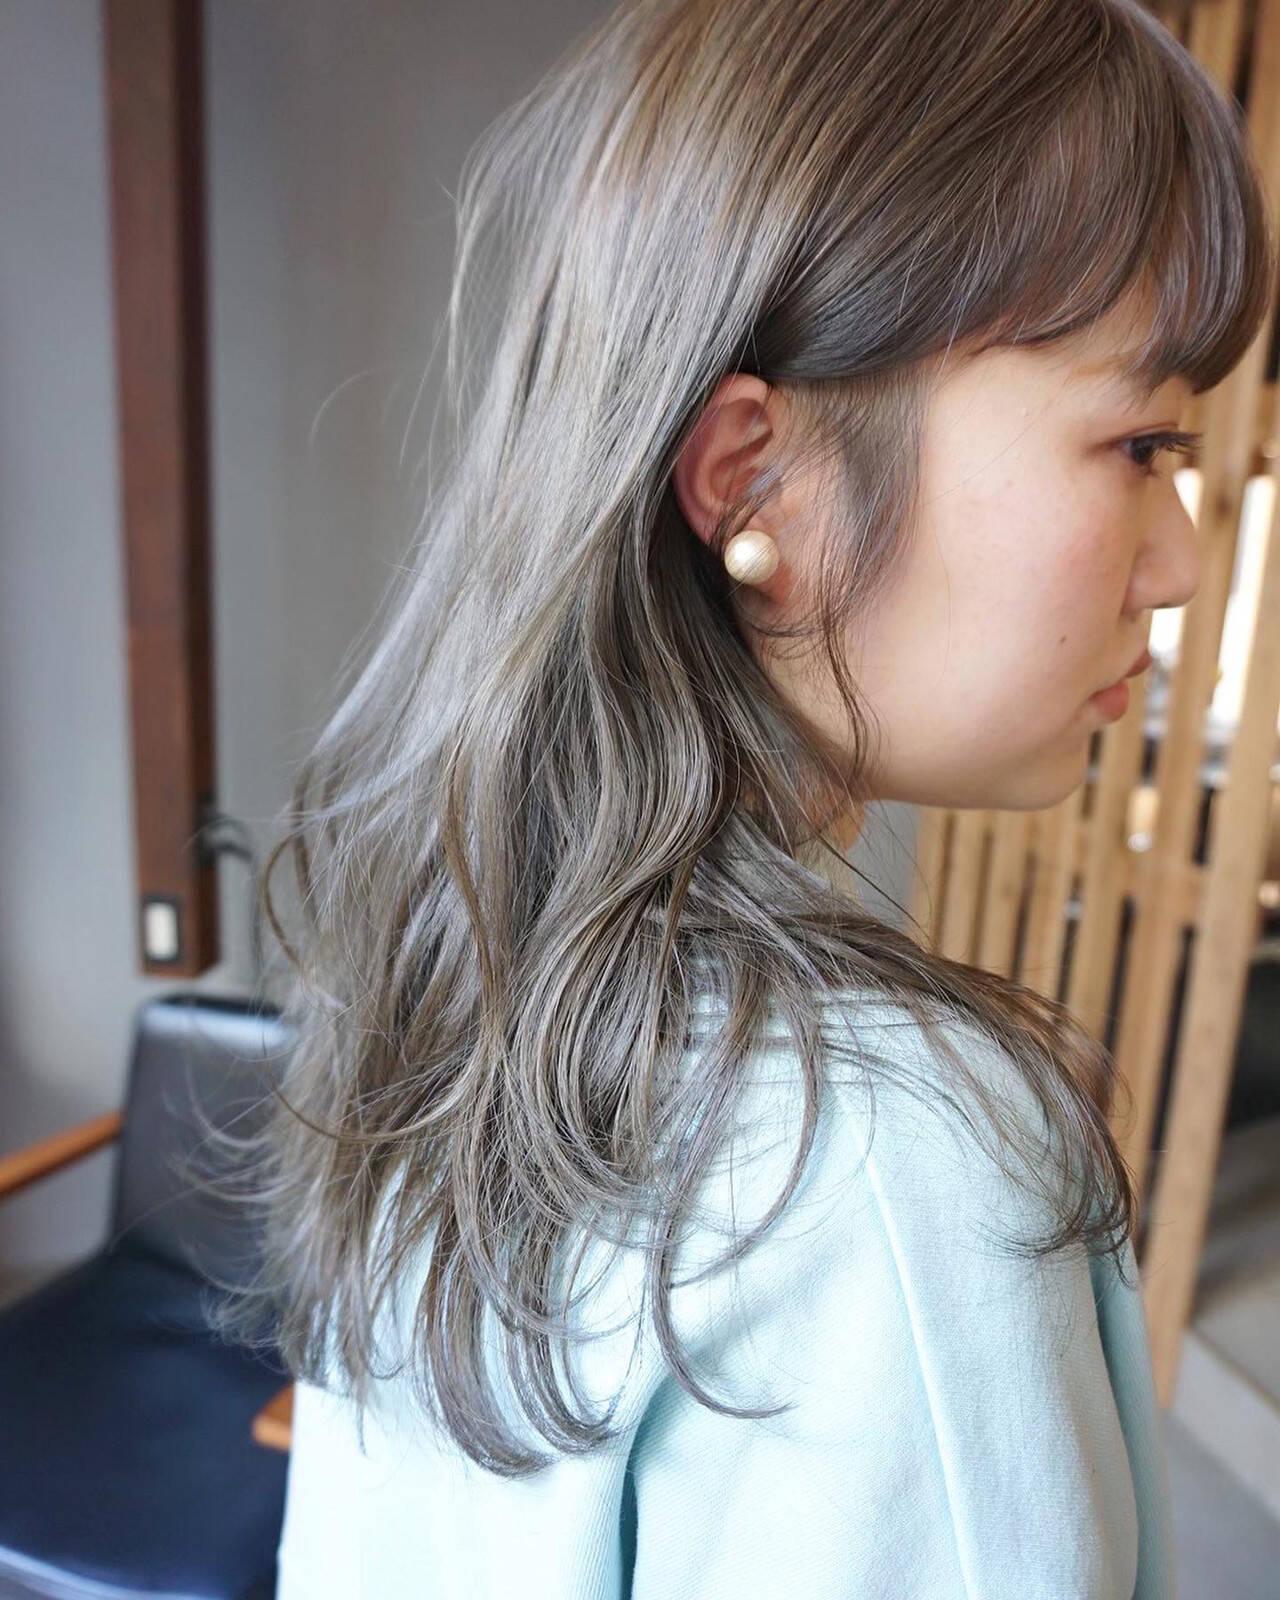 透明感カラー ナチュラル くすみカラー アンニュイほつれヘアヘアスタイルや髪型の写真・画像